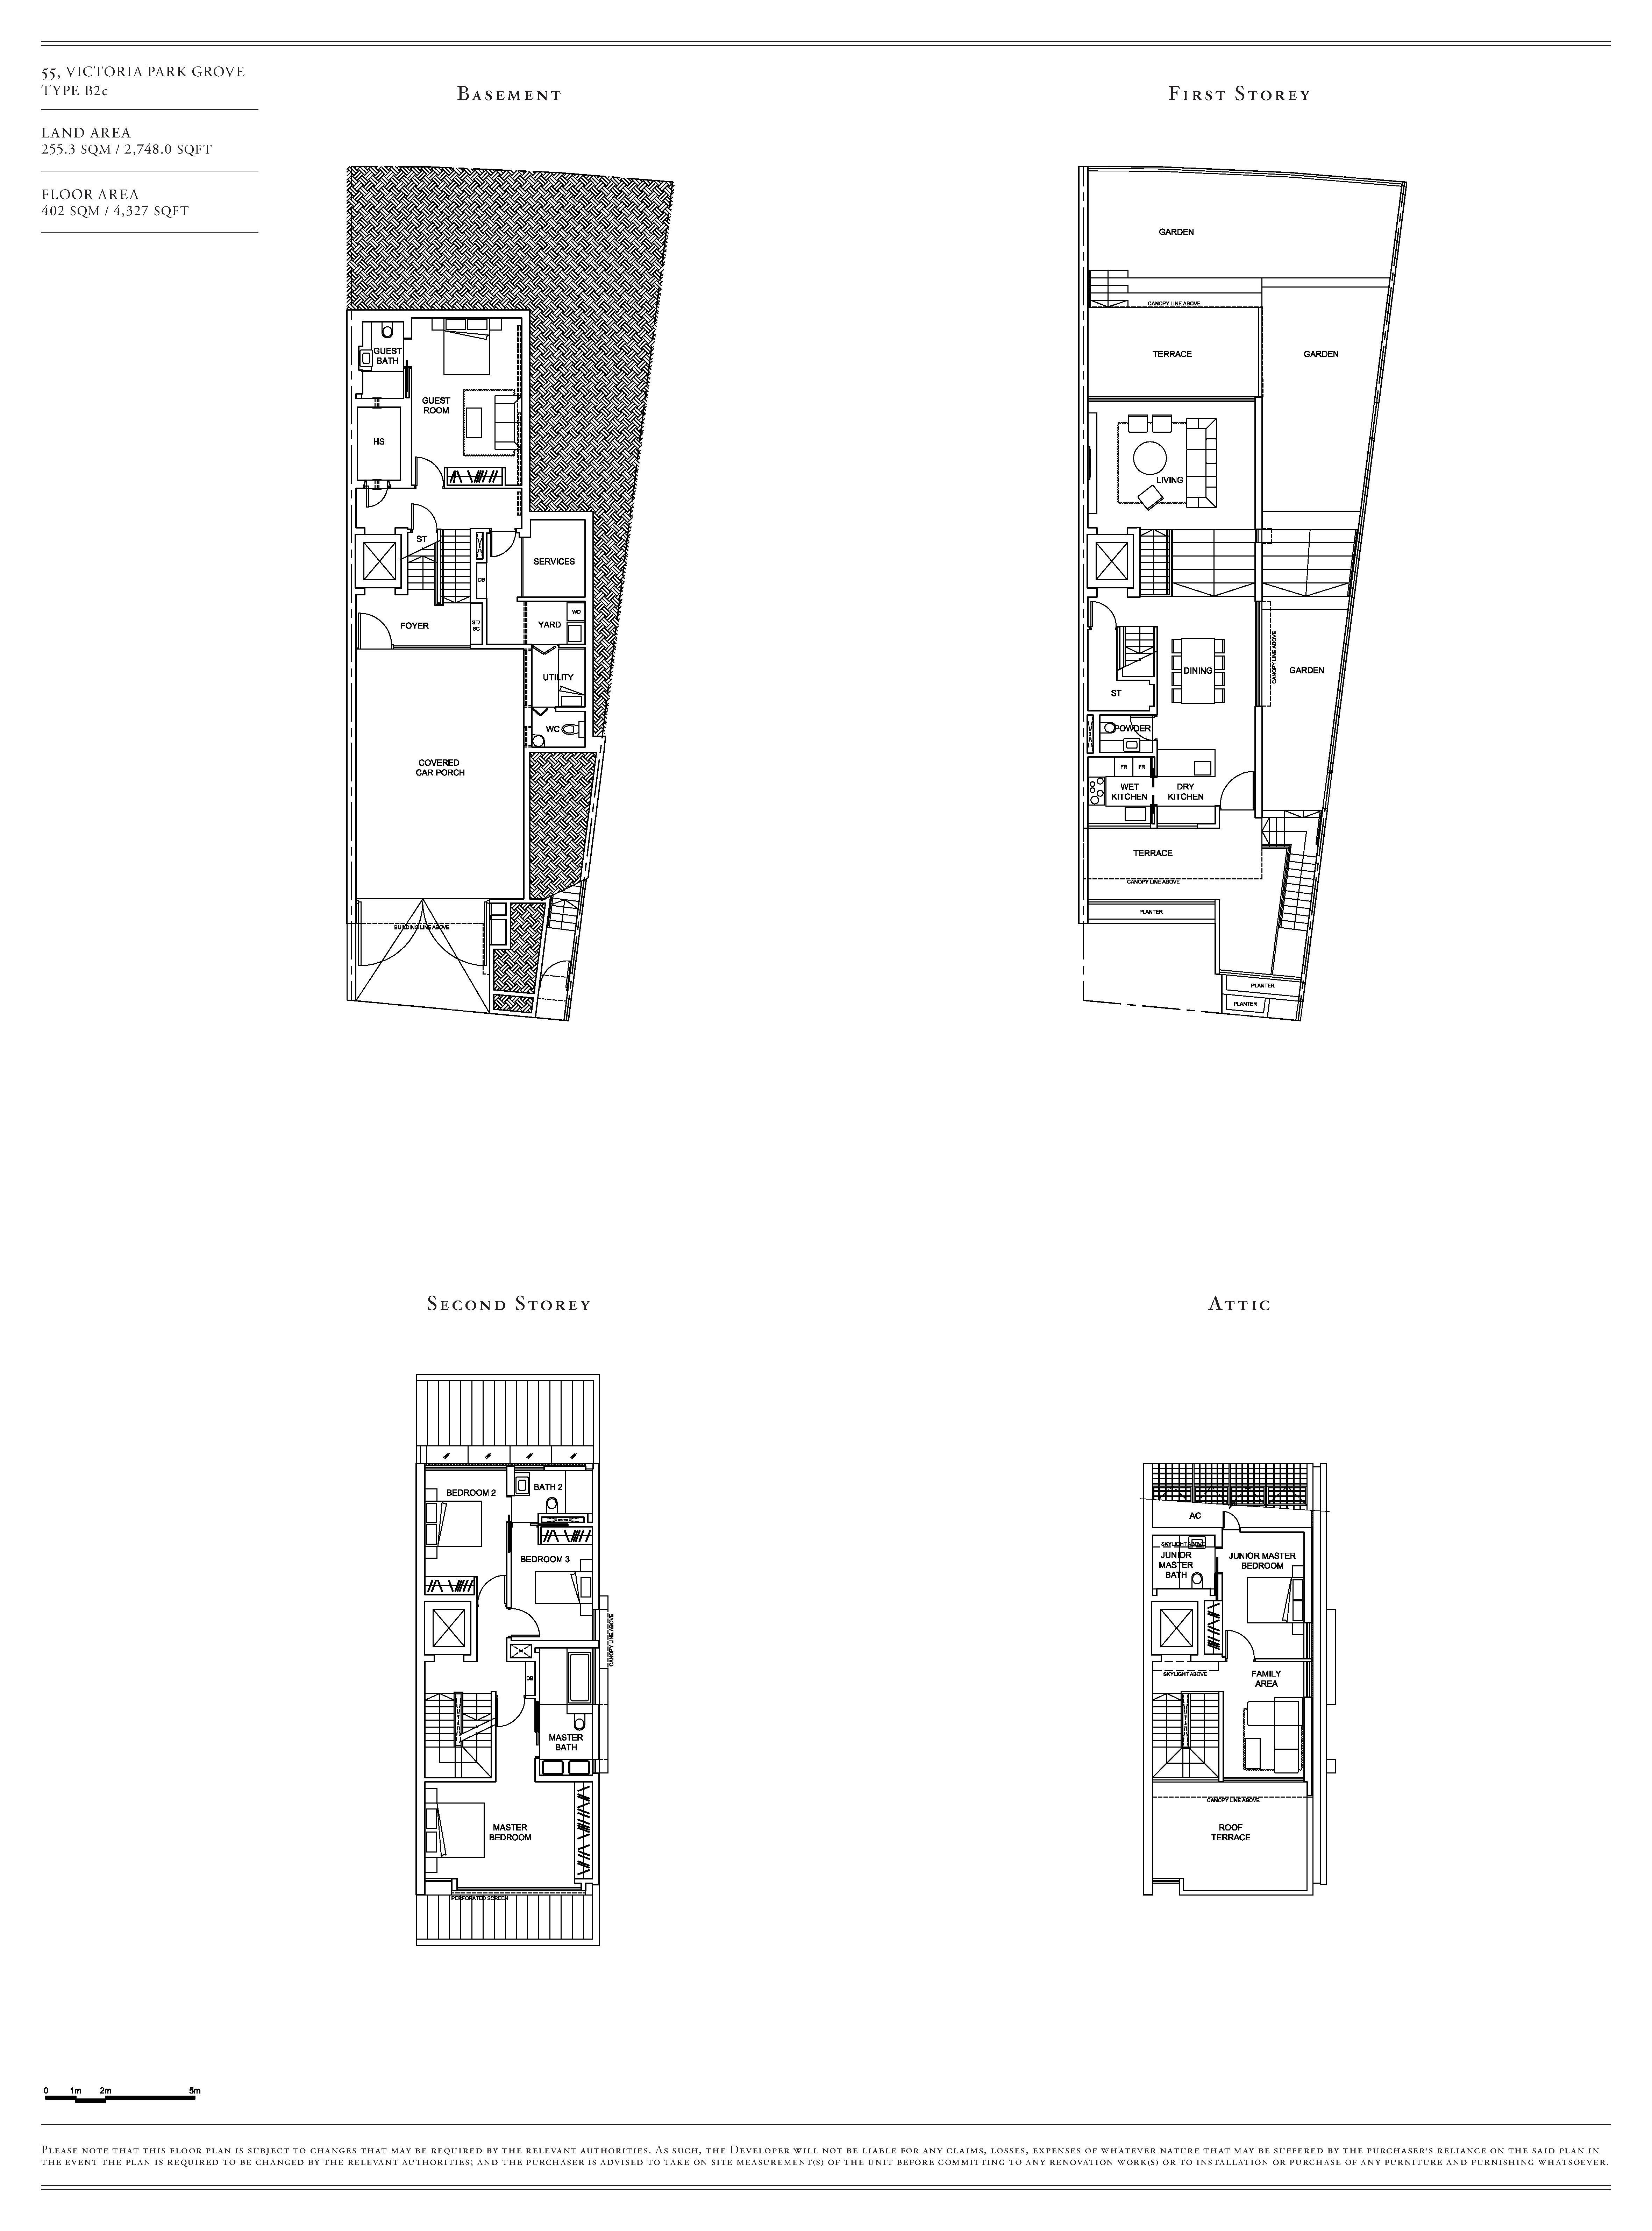 Victoria Park Villas House 55 Type B2c Floor Plans